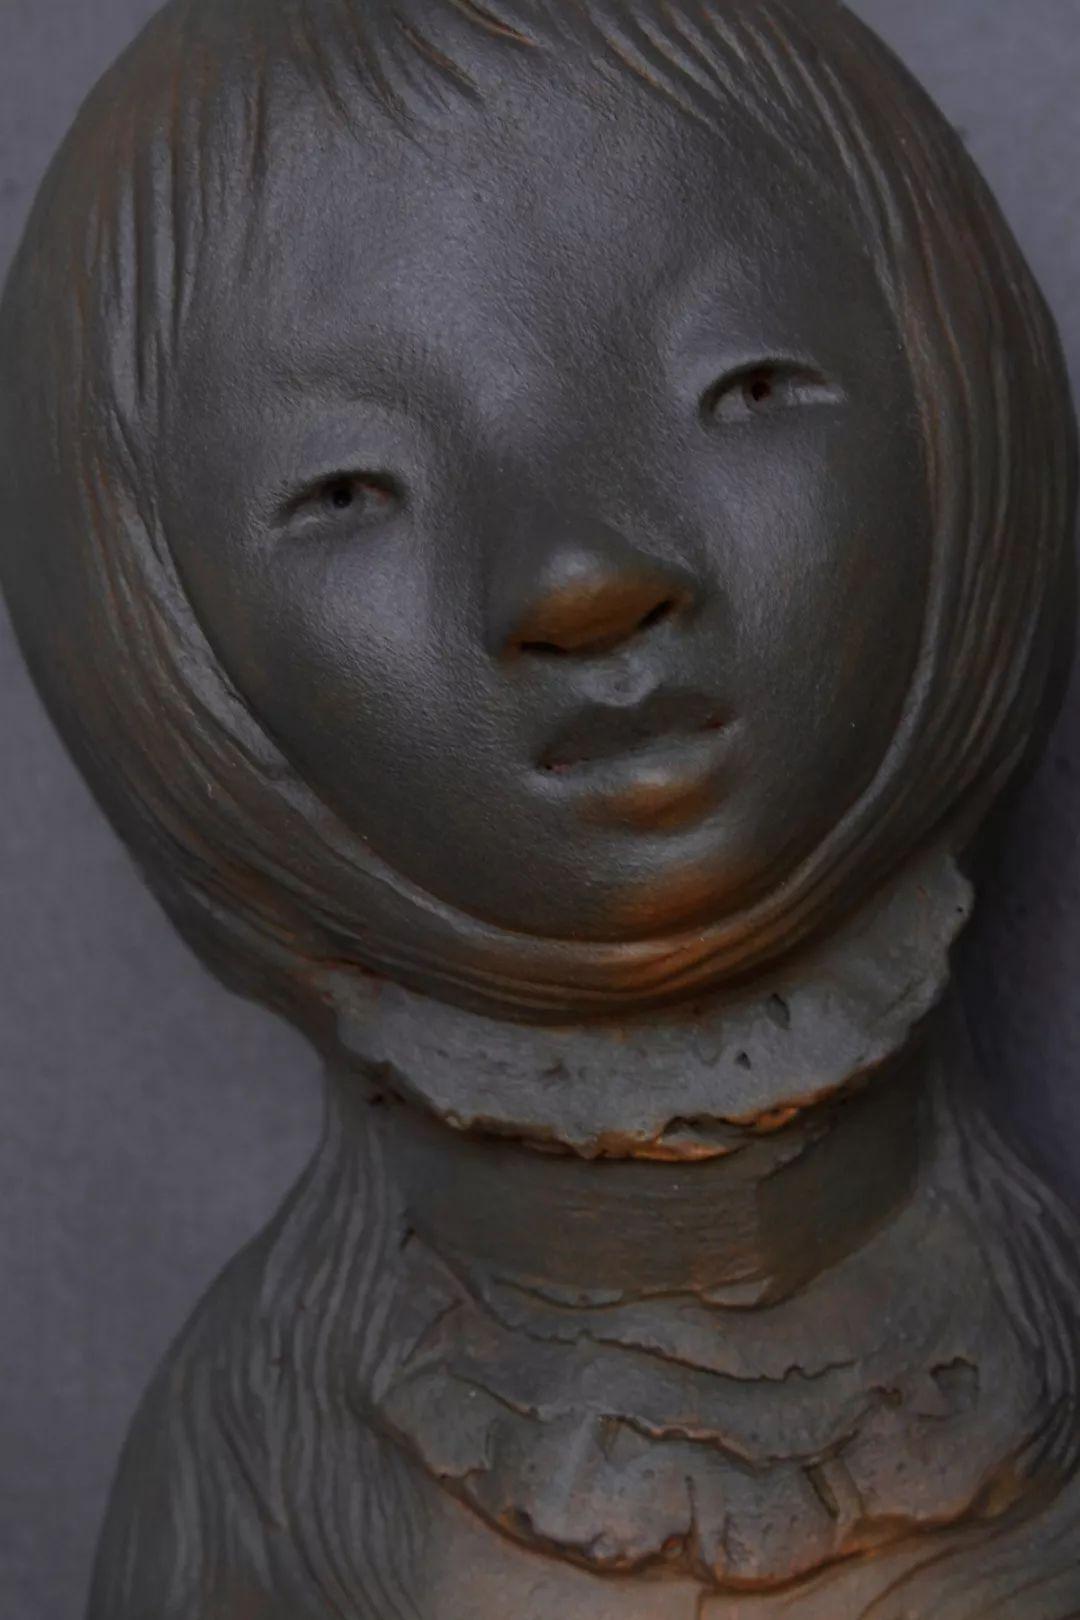 美女艺术家的雕塑,直抵天真、美丽和纯净的灵魂插图67